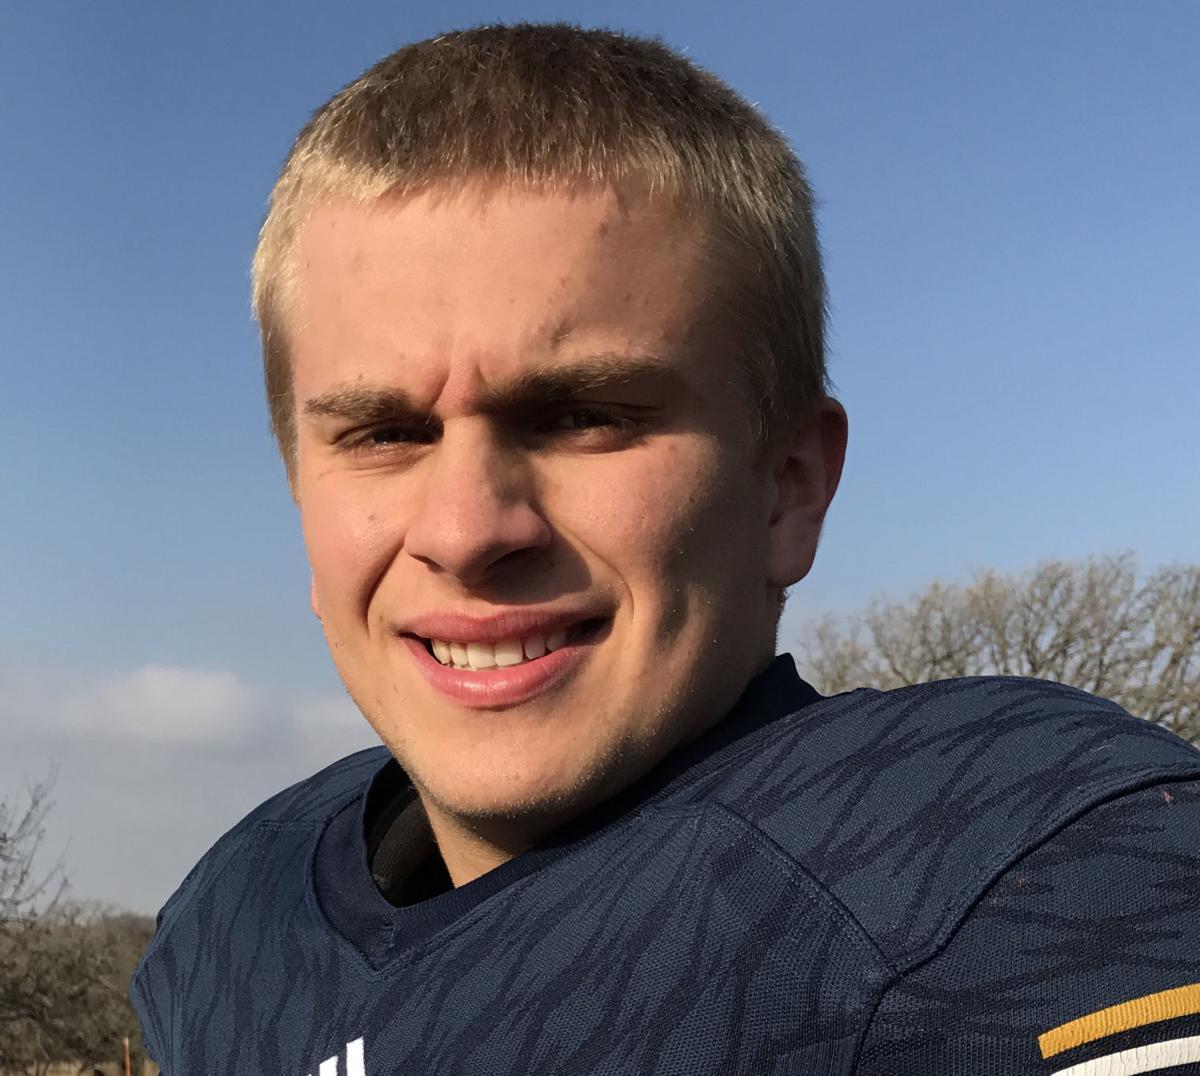 Garrett Snodgrass